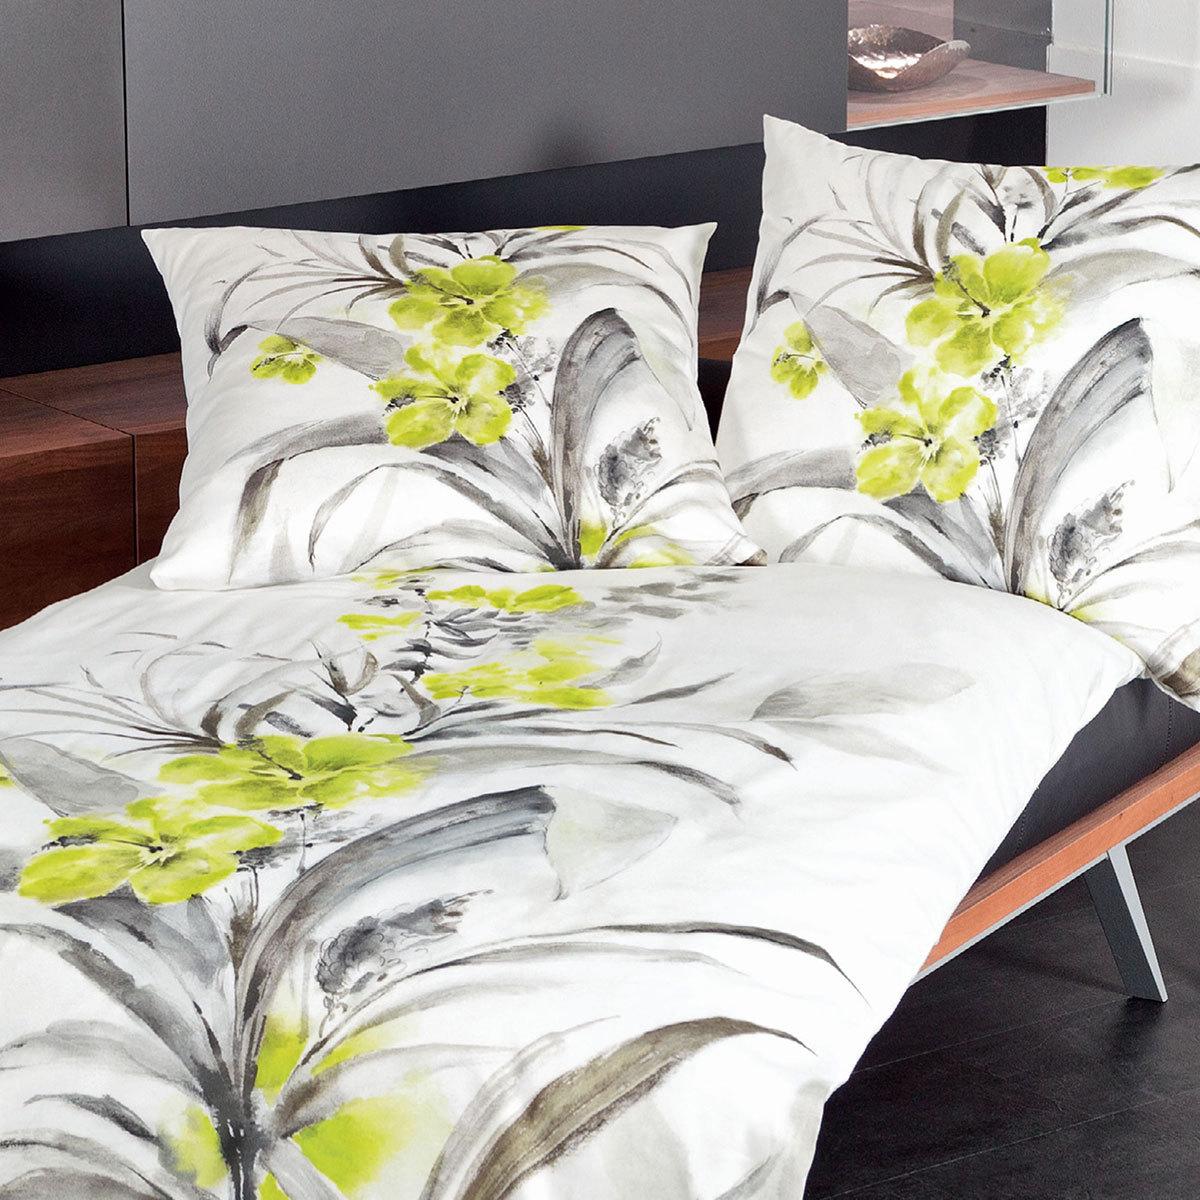 janine mako satin bettw sche modern art 42022 03 gelb g nstig online kaufen bei bettwaren shop. Black Bedroom Furniture Sets. Home Design Ideas